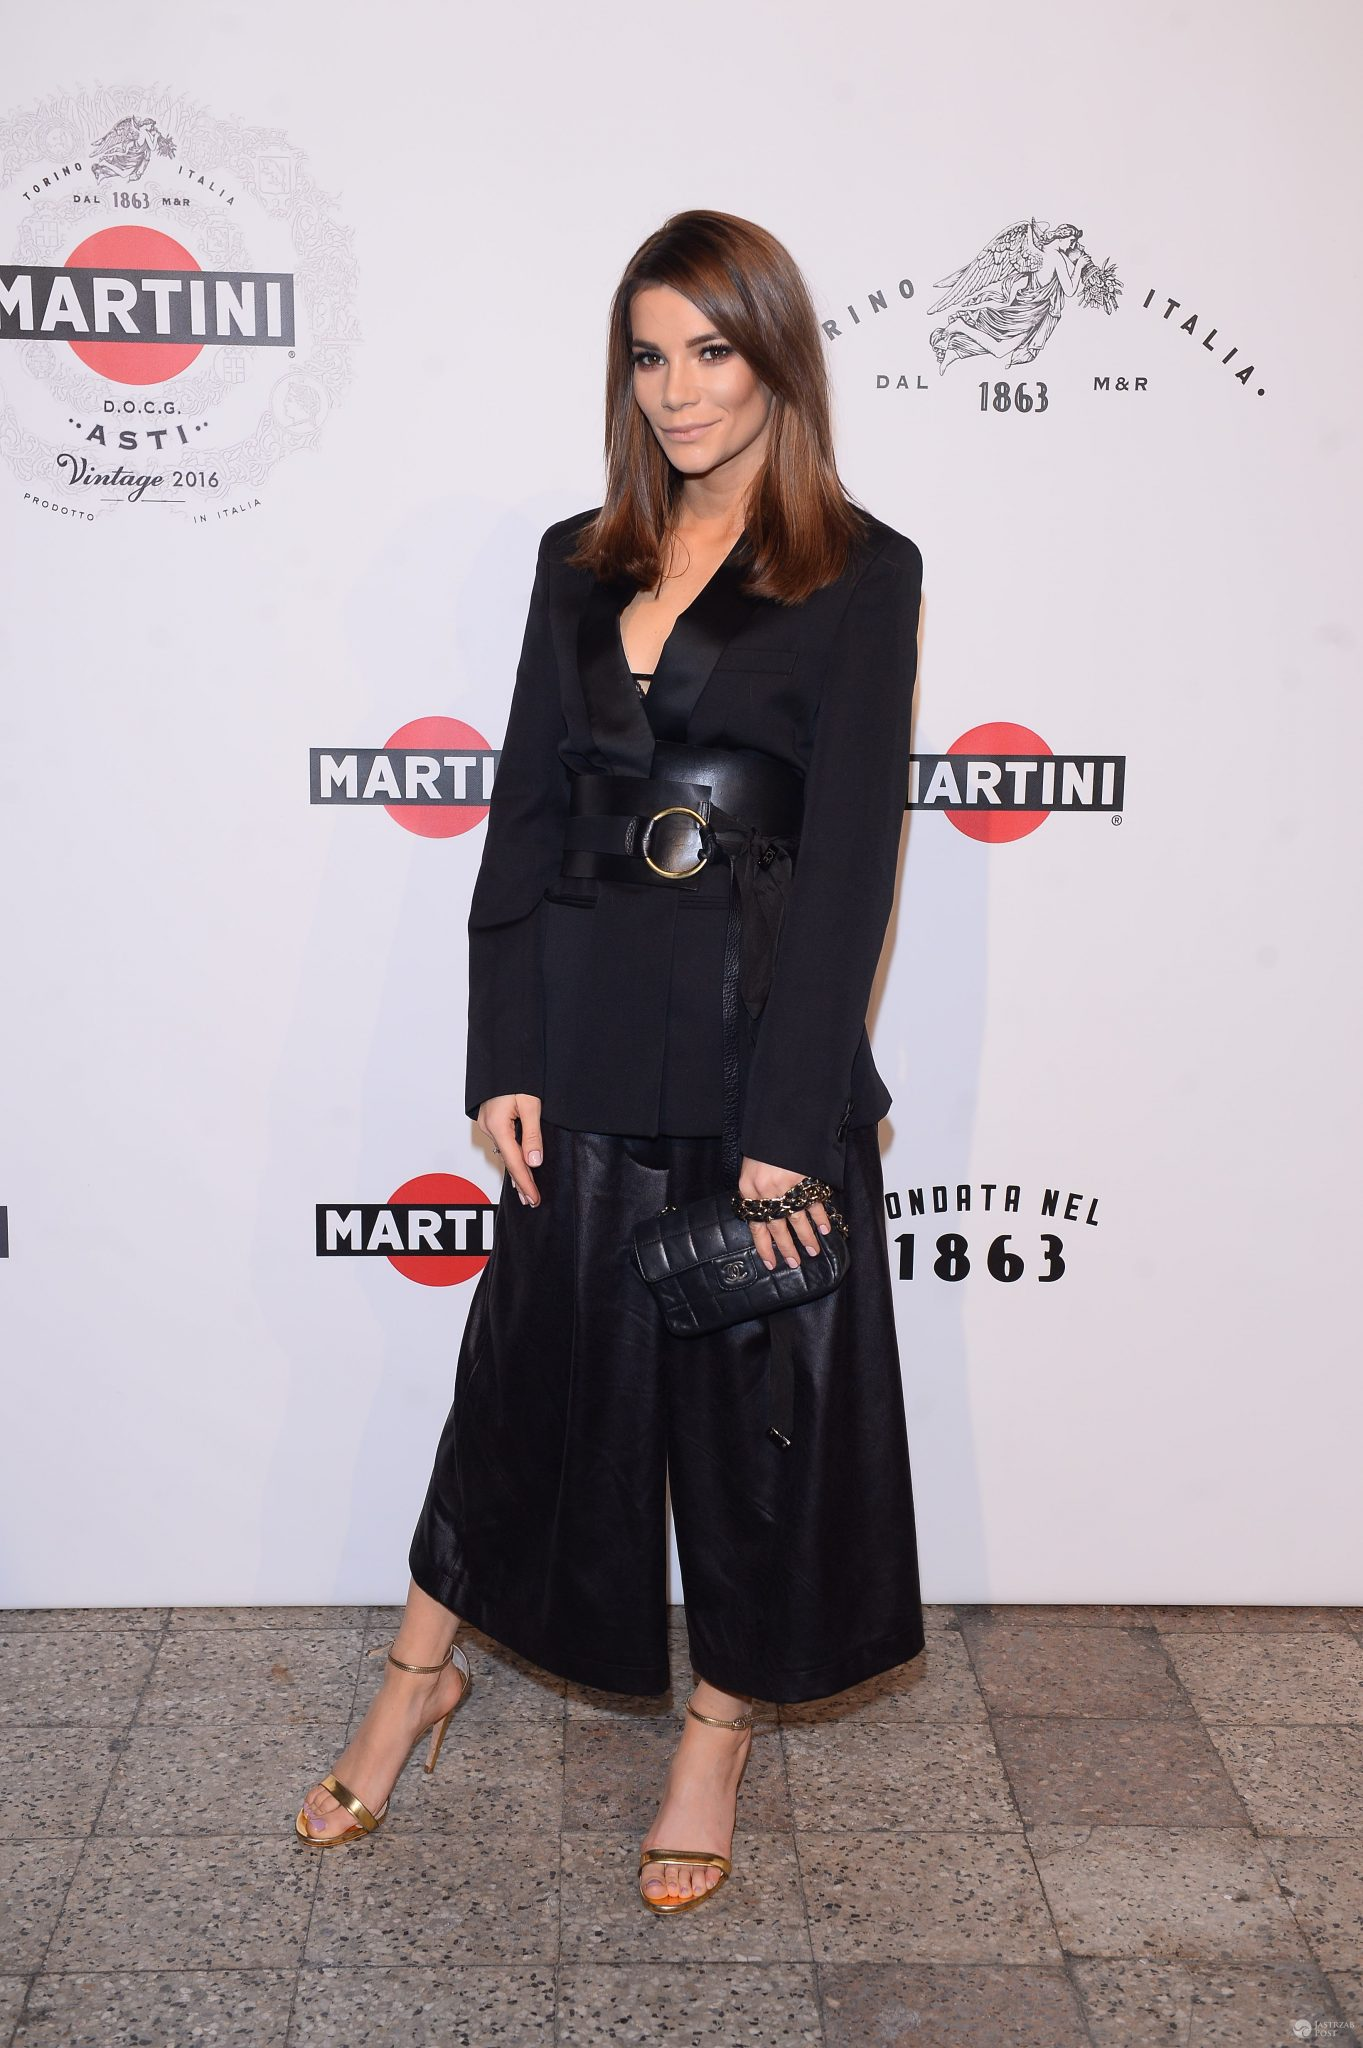 Maja Bohosiewicz - Martini Asti Vintage 2016